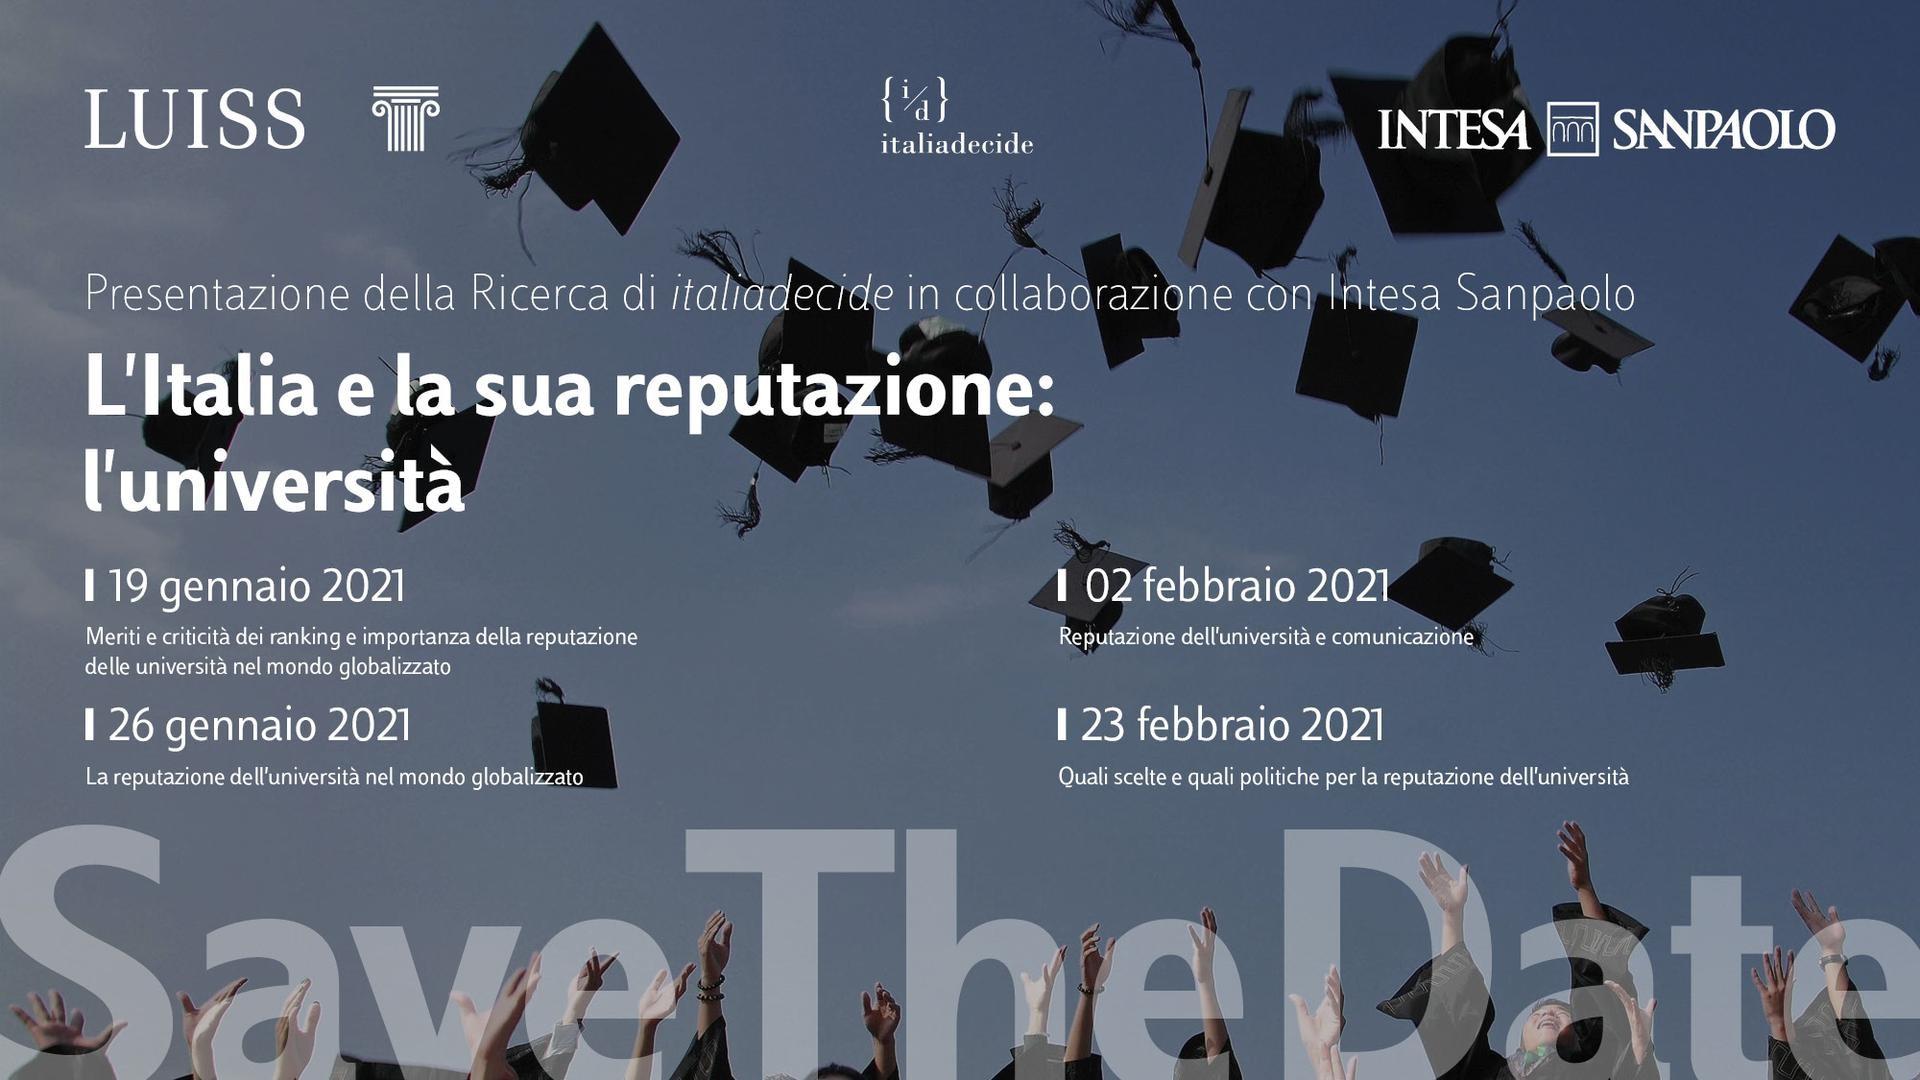 Save the Date - L'Italia e la sua reputazione: l'università - 19 gennaio - 26 gennaio - 2 febbraio - 23 febbraio